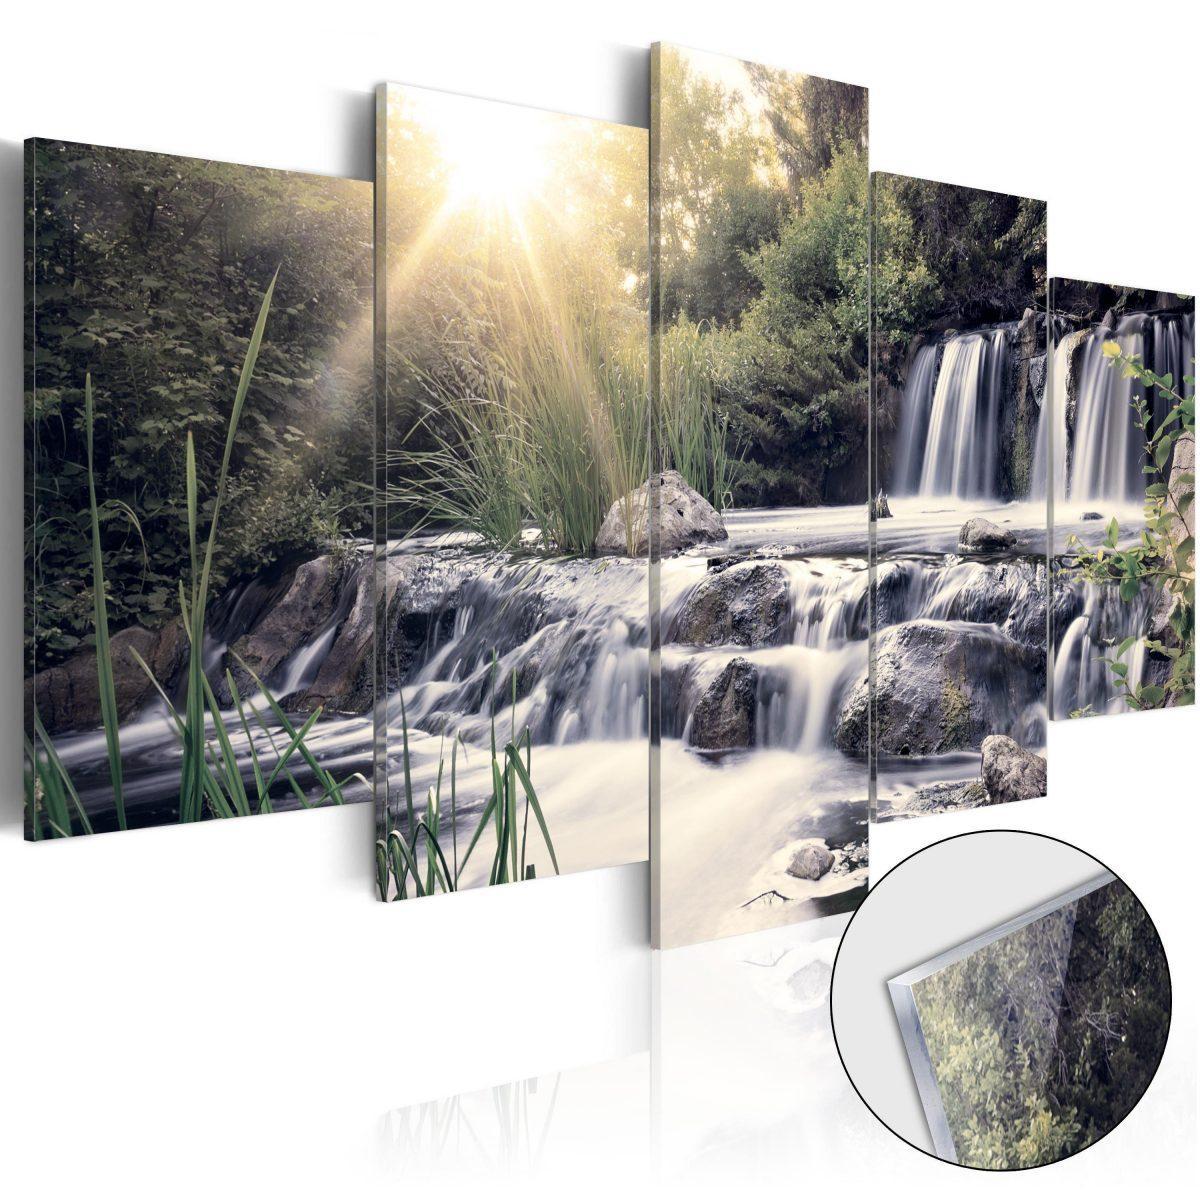 Tavla i akrylglas - Waterfall of Dreams - 100x50